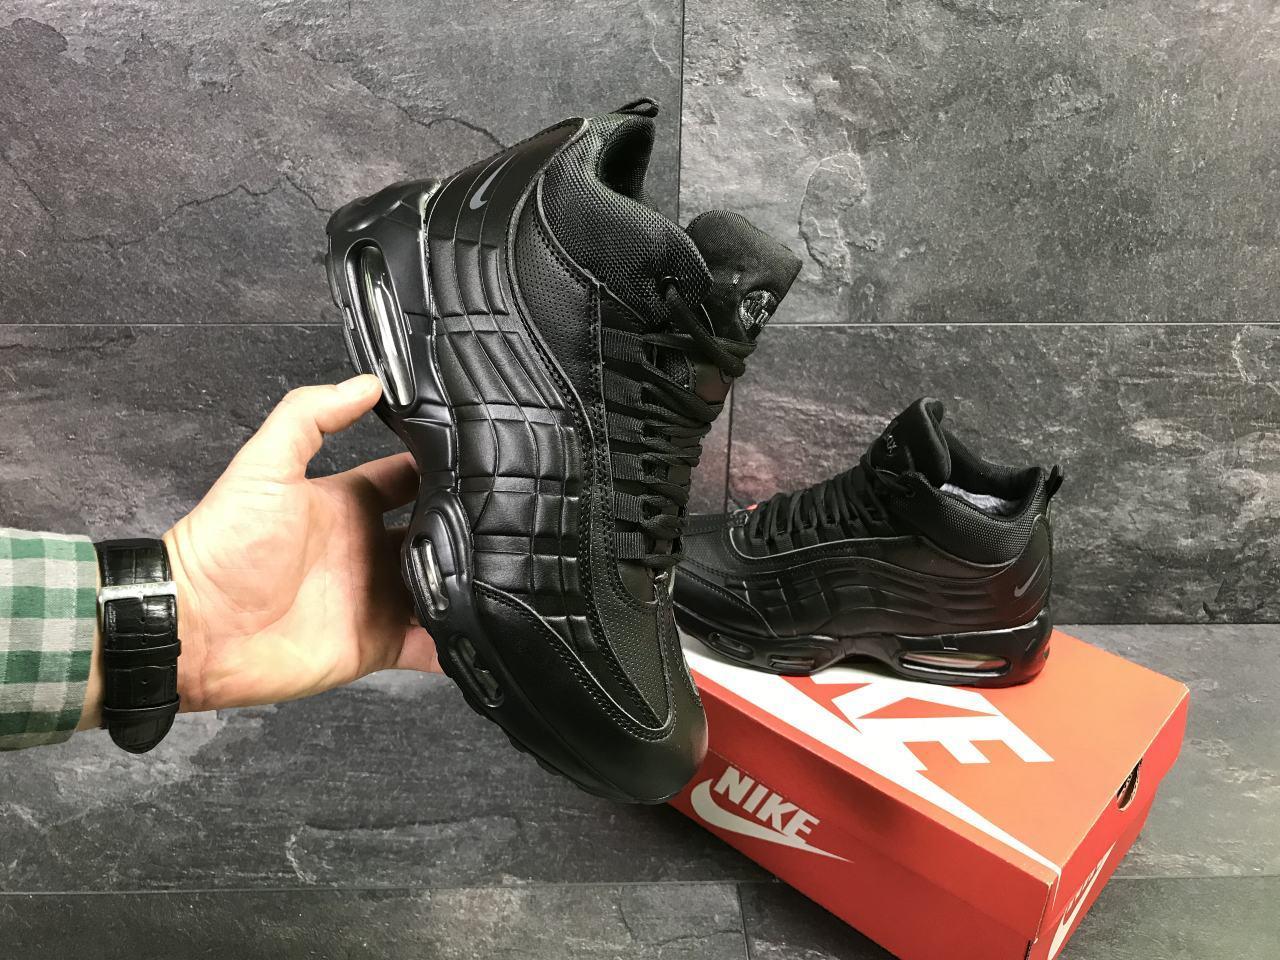 770666c6 Мужские зимние кроссовки Nike 6974 черные купить недорого. Большой ...